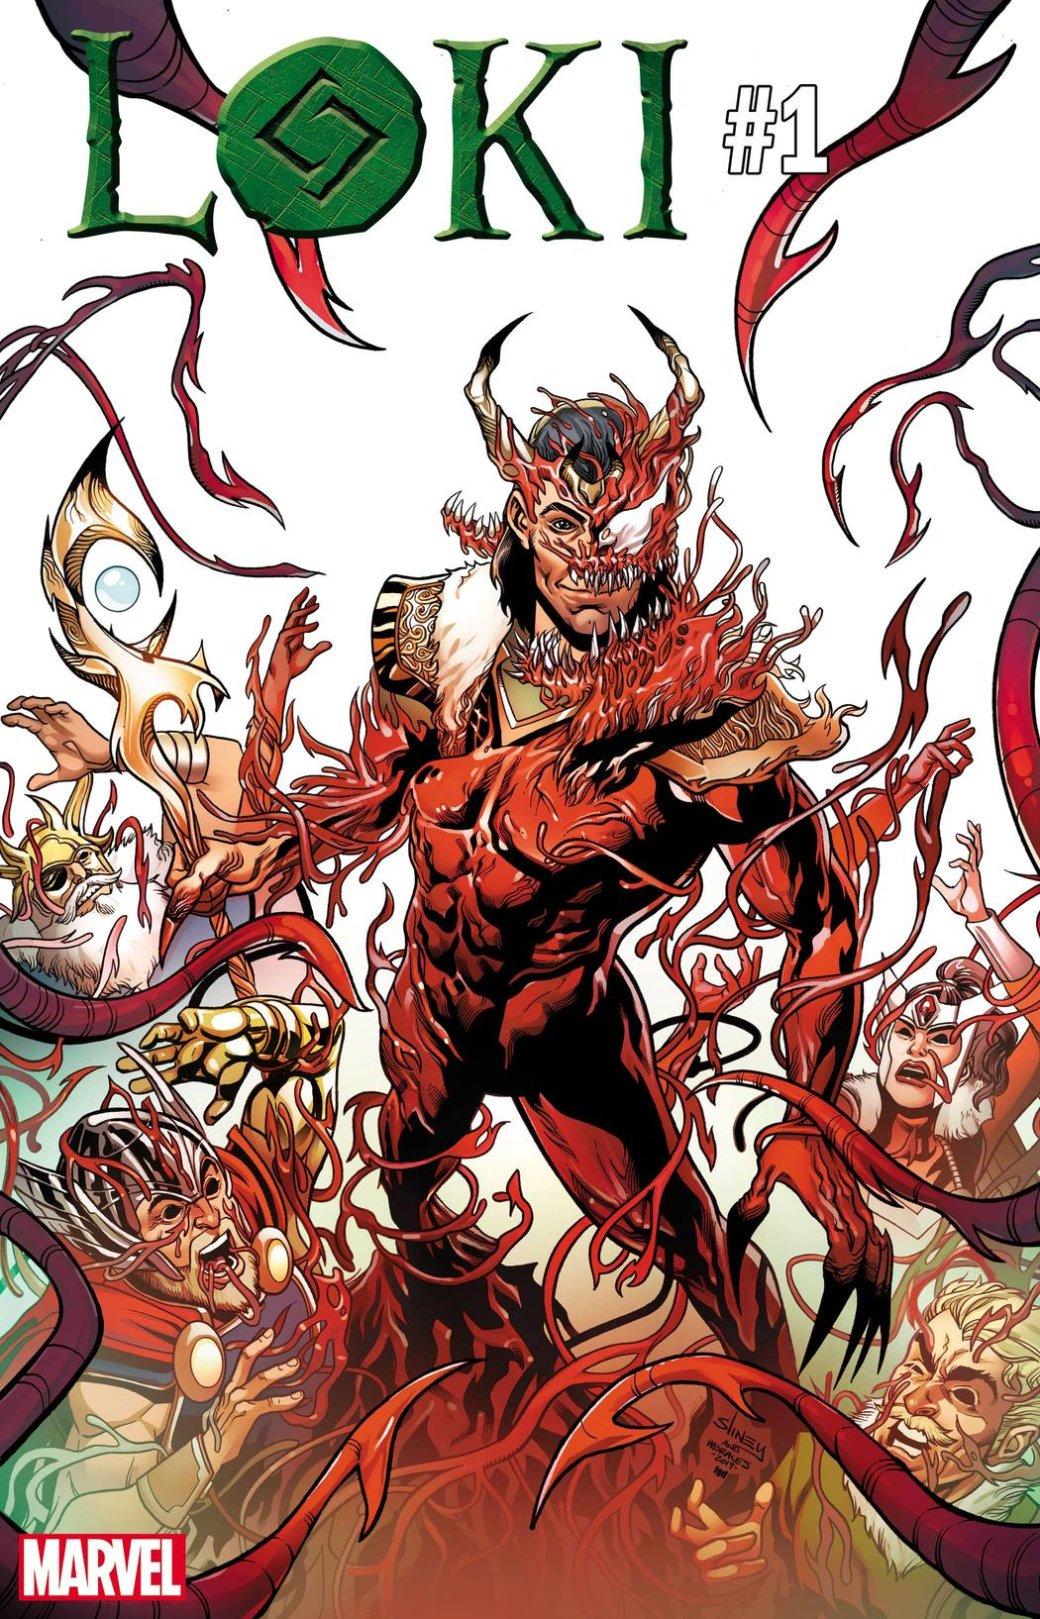 Какбы выглядели Капитан Марвел, Локи идругие герои, еслибы ихподчинил Карнаж? | Канобу - Изображение 9